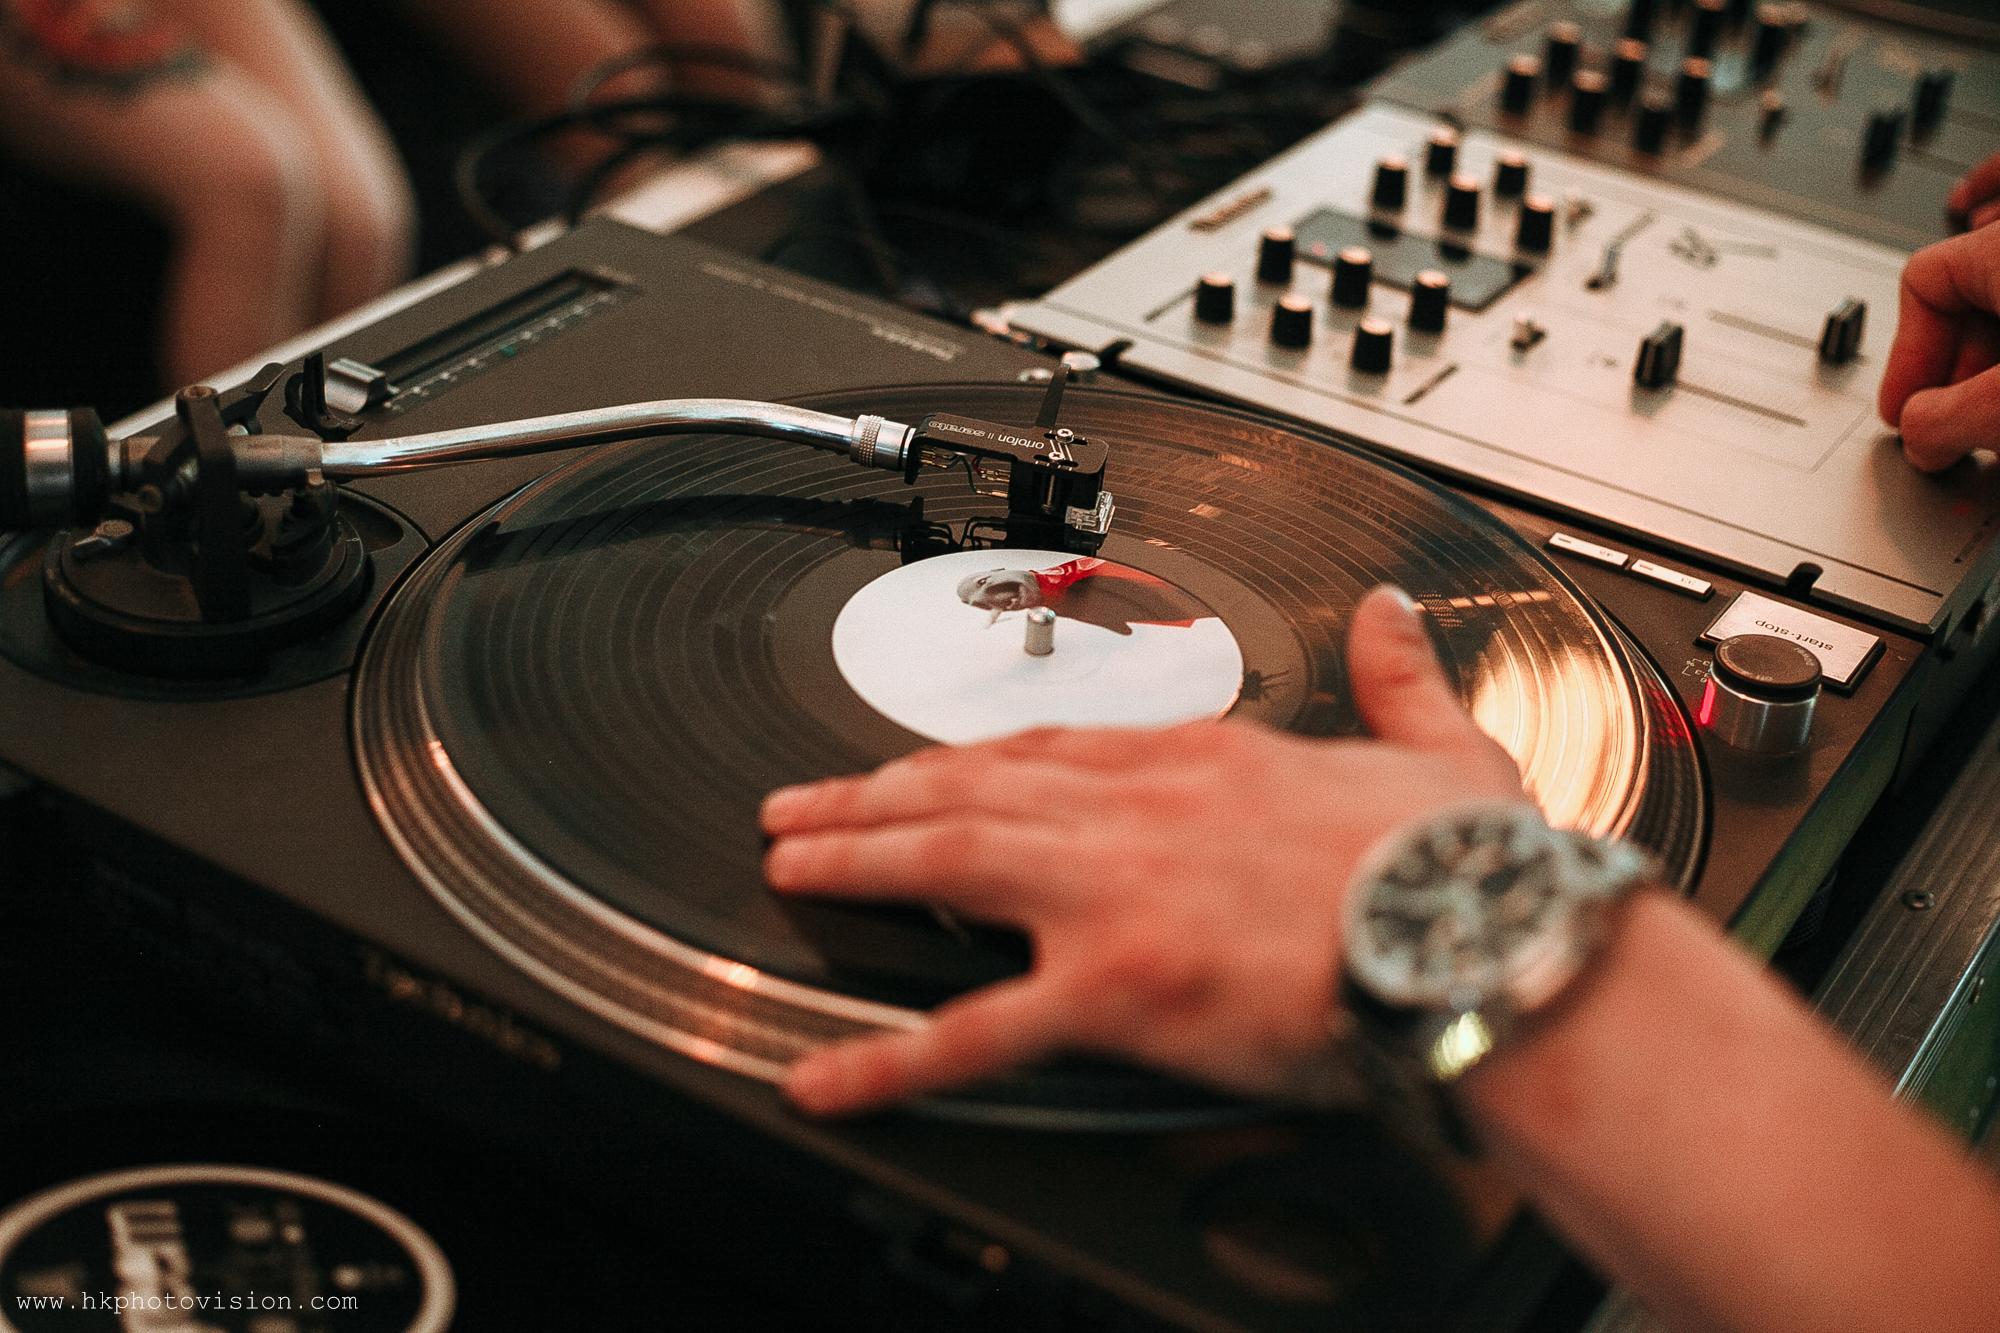 DMC DJ Russia